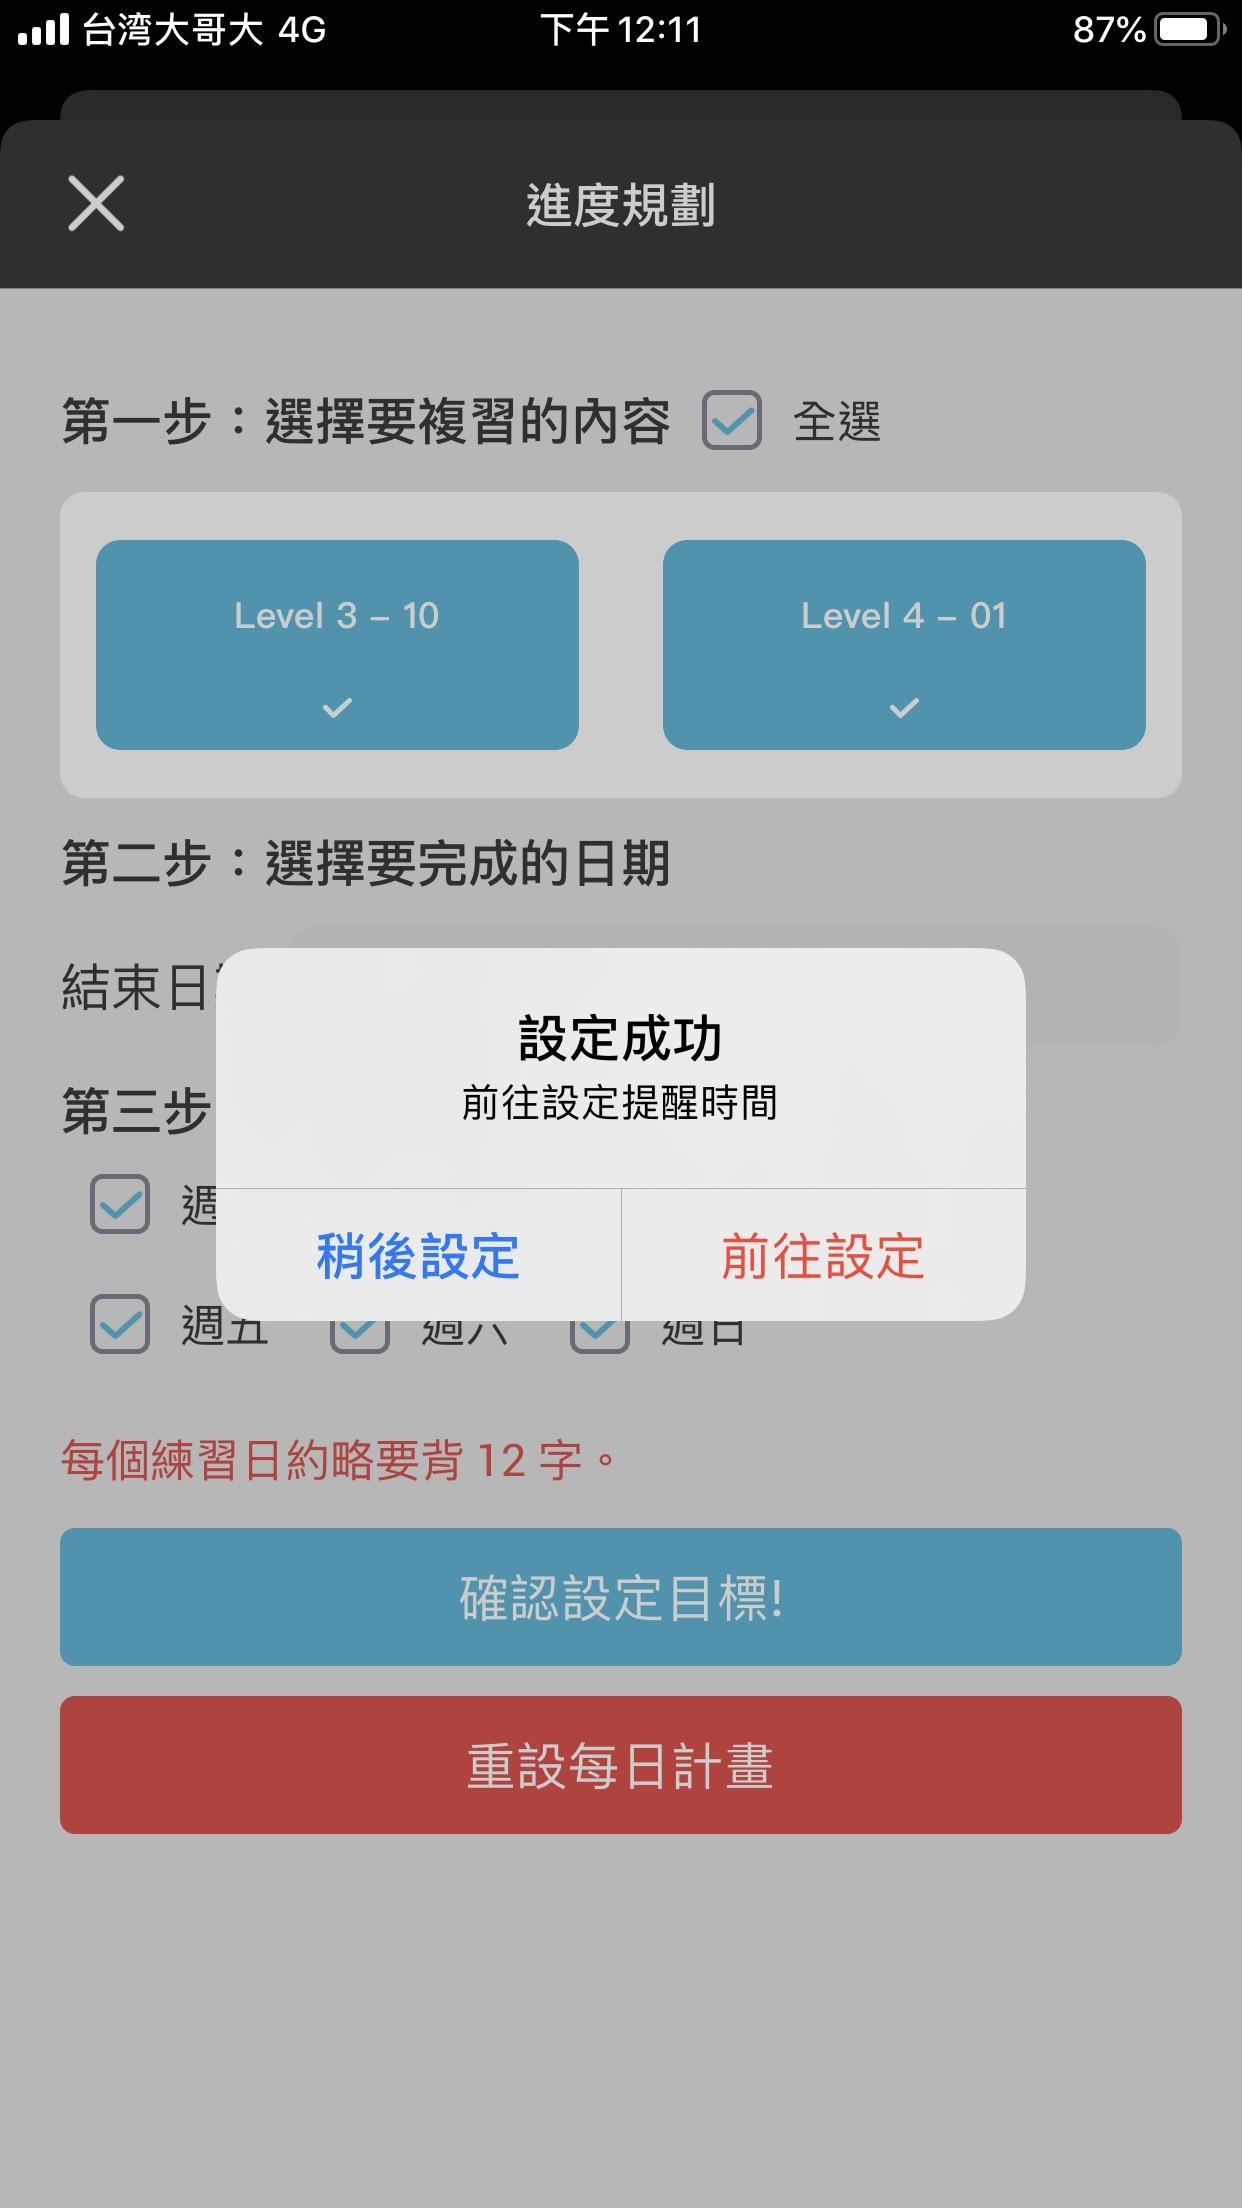 WORD UP進度規劃 背單字 app 005-設定提醒時間